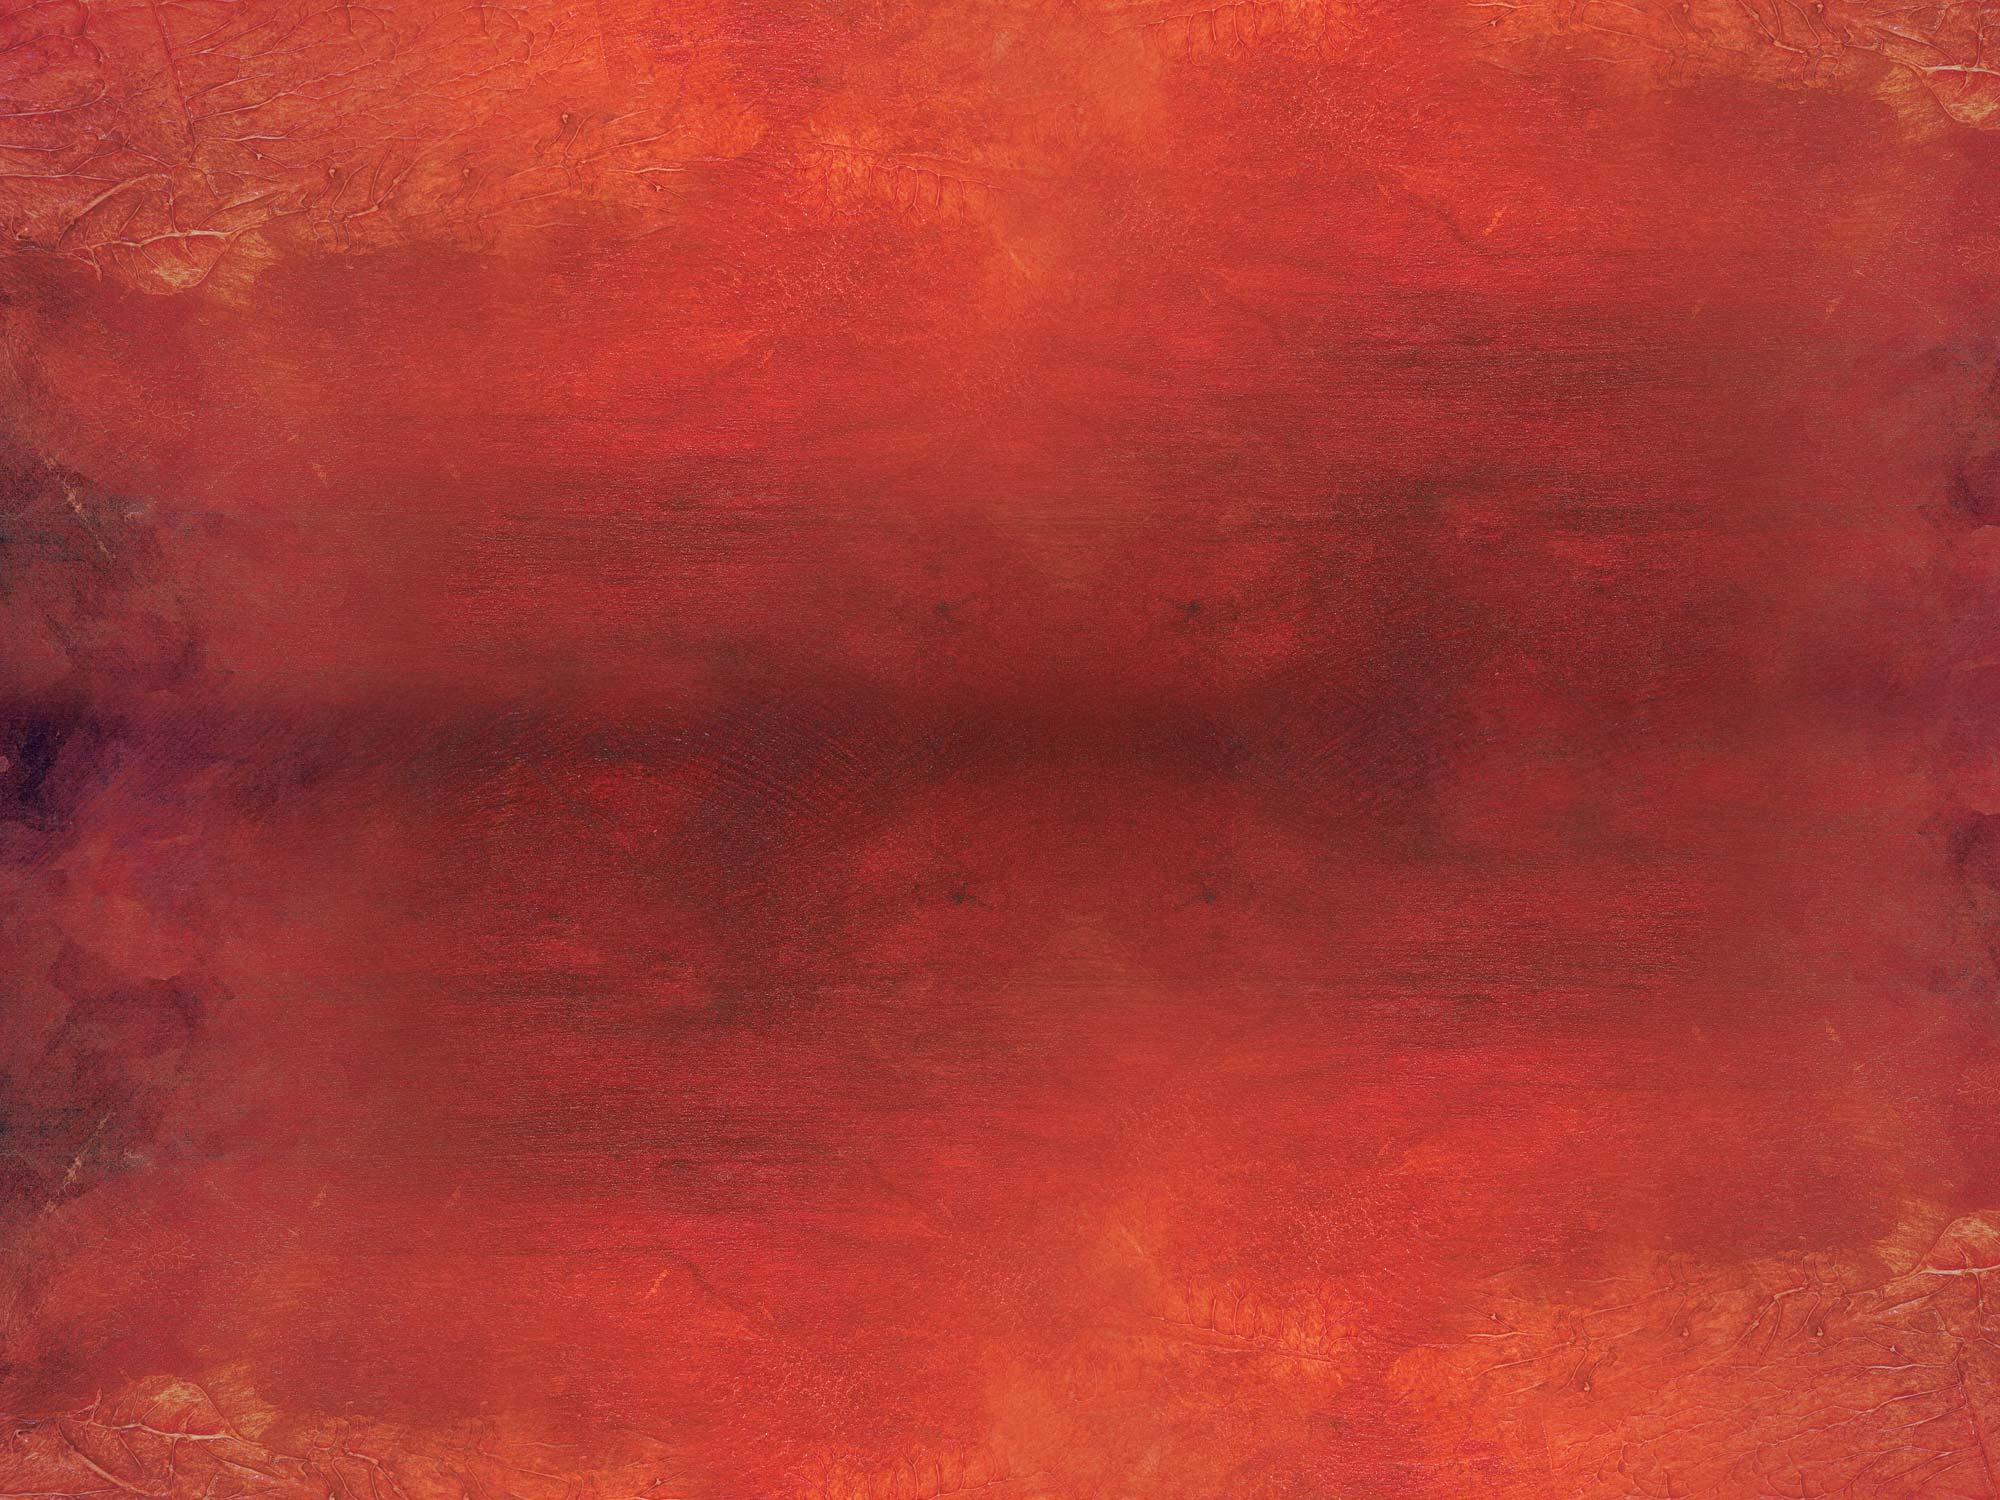 Tenue D Artiste Peintre aapsteadele | association des artistes-peintres de sainte-adèle